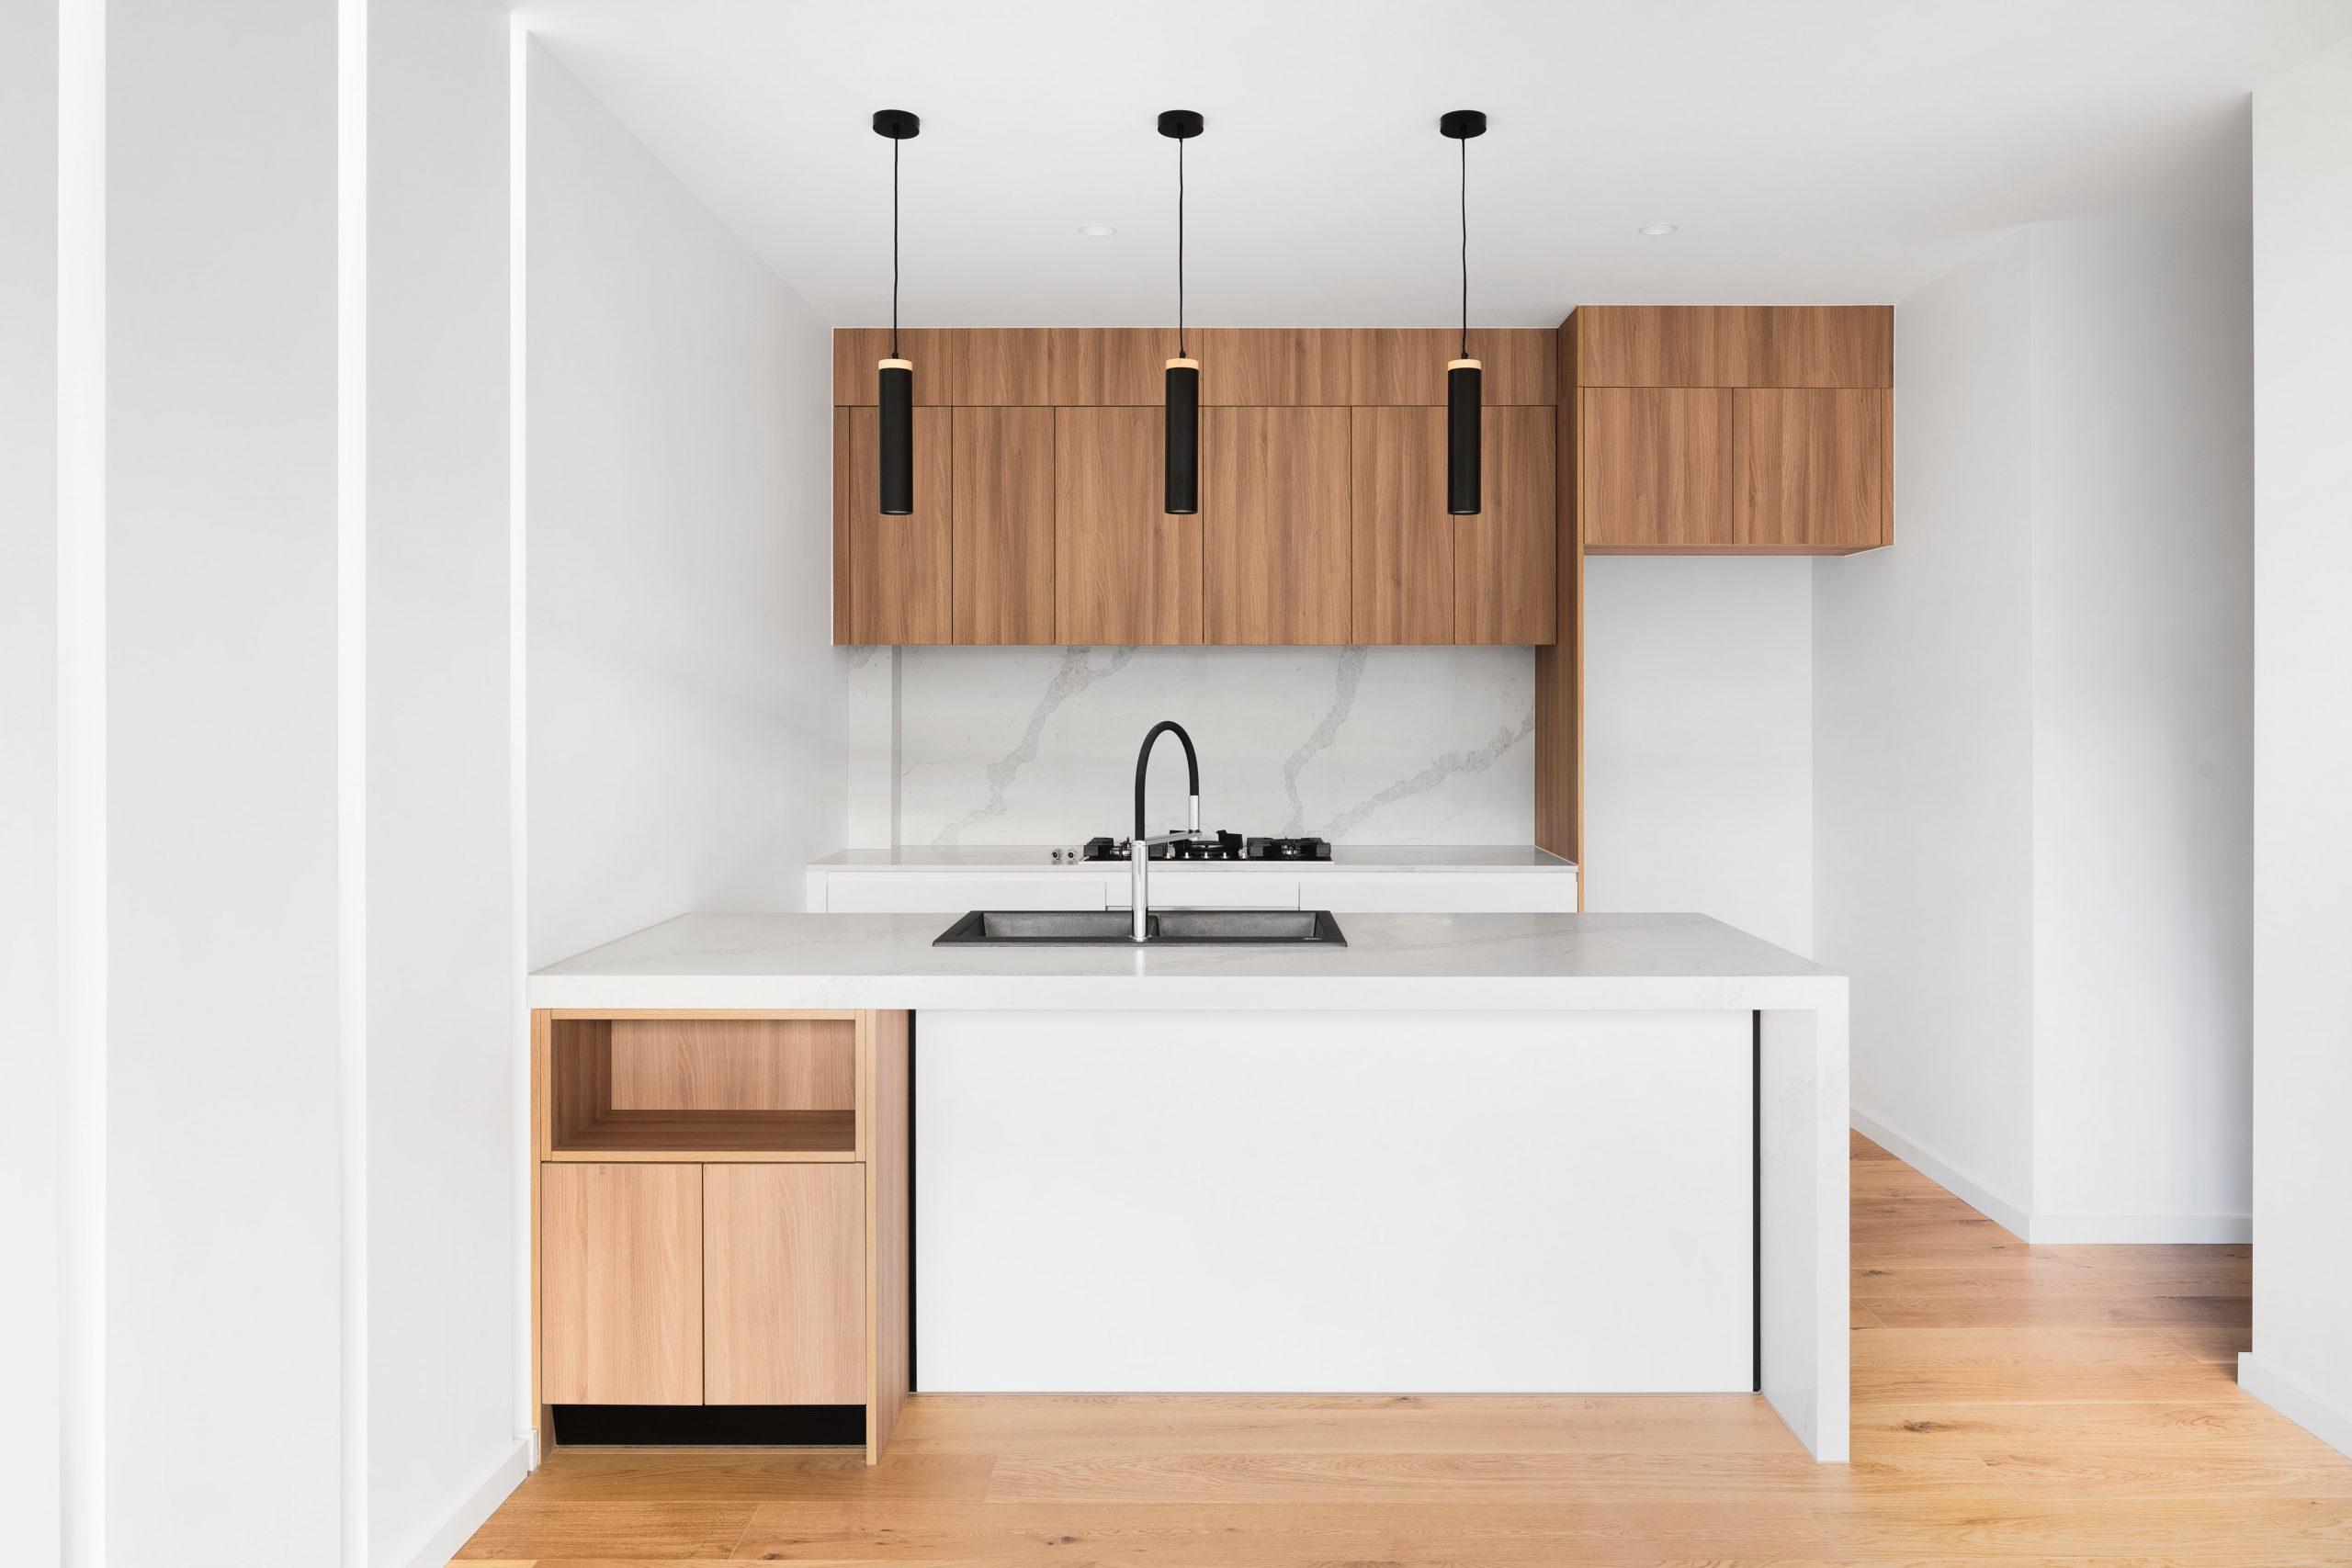 Keuken opknappen; tips voor het pimpen van je keuken